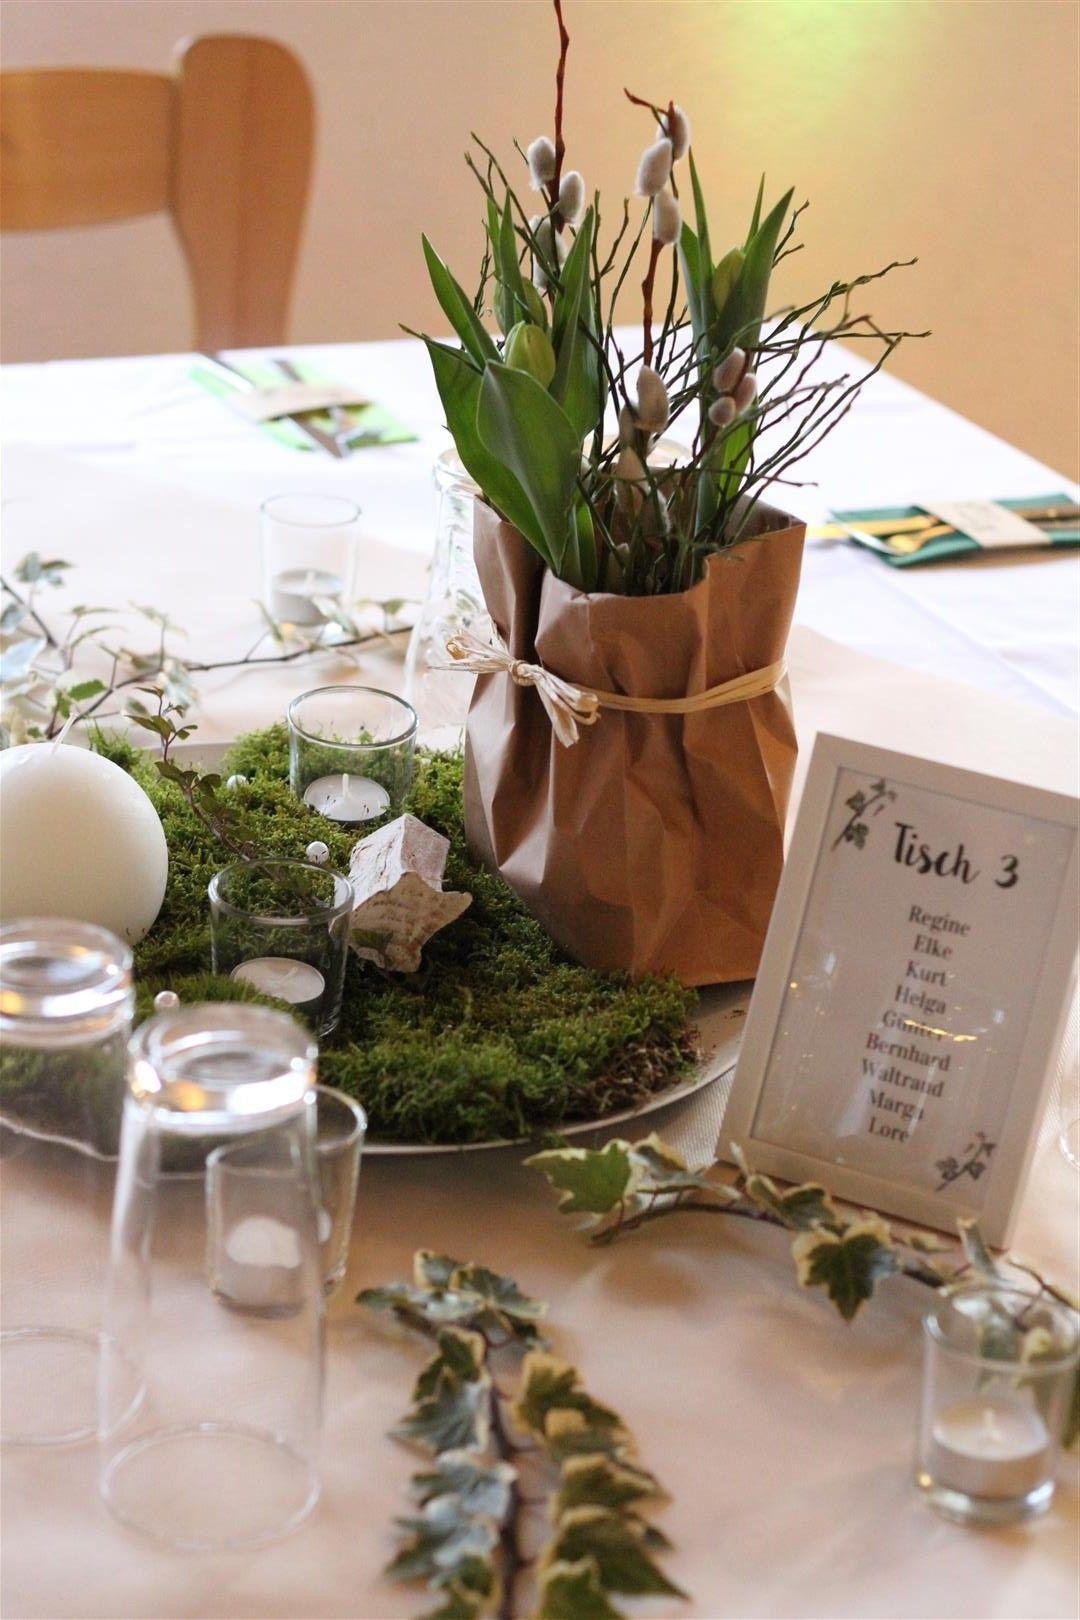 Tischdeko Geburtstag Grun Weiss Mit Holz Efeu Moos Waldoptik